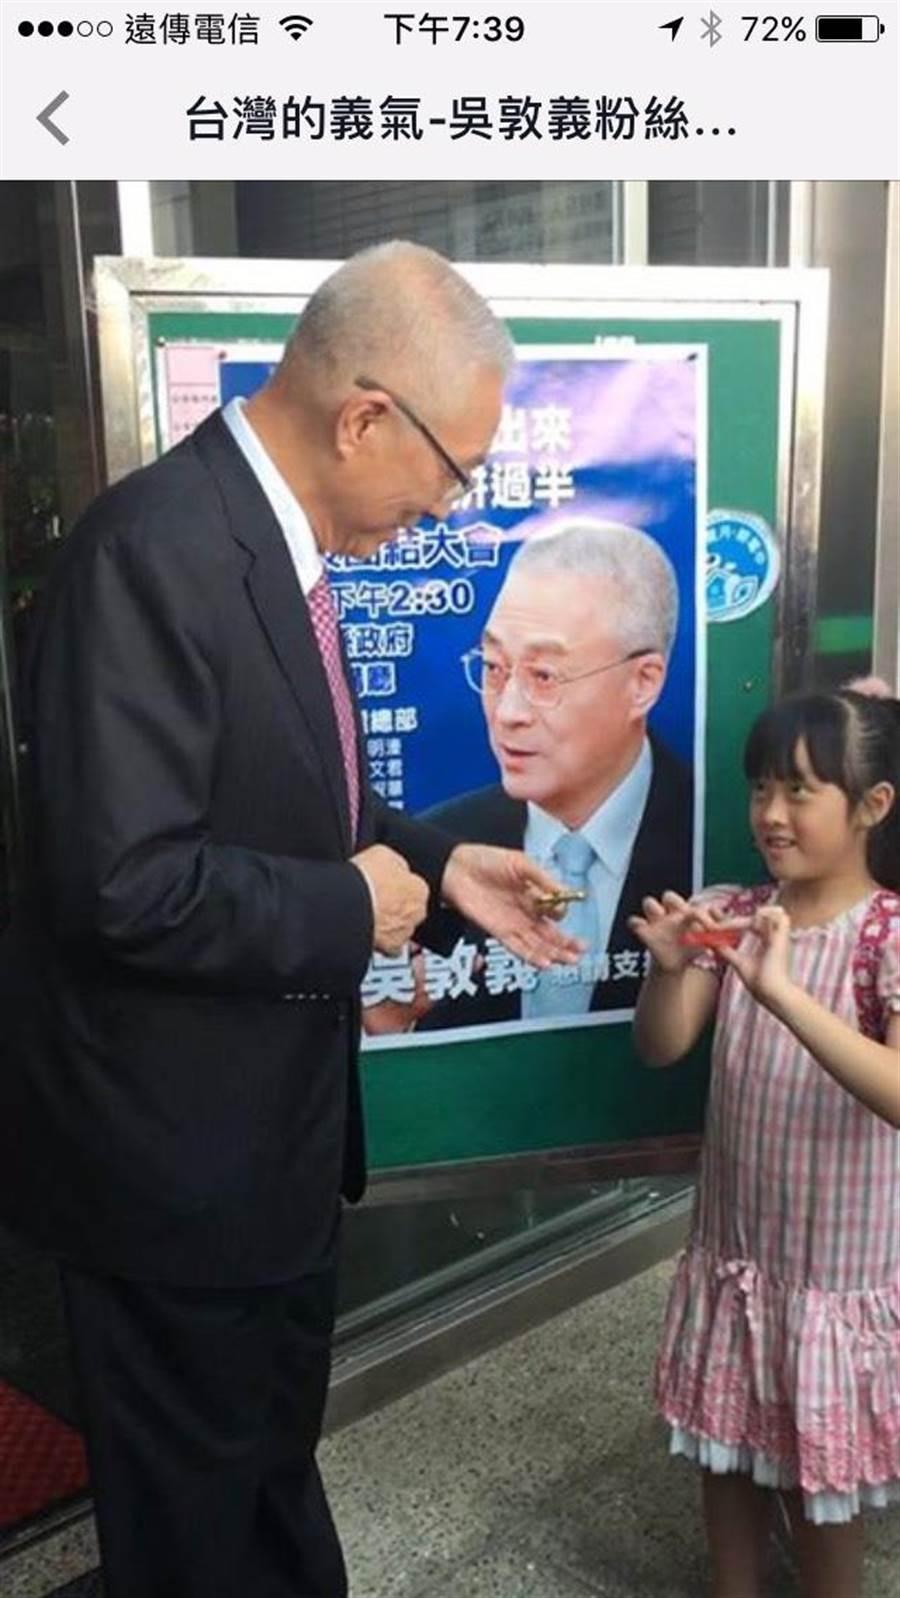 吳敦義臉書義氣可看到他第一次玩指尖陀螺。(翻攝自義氣)